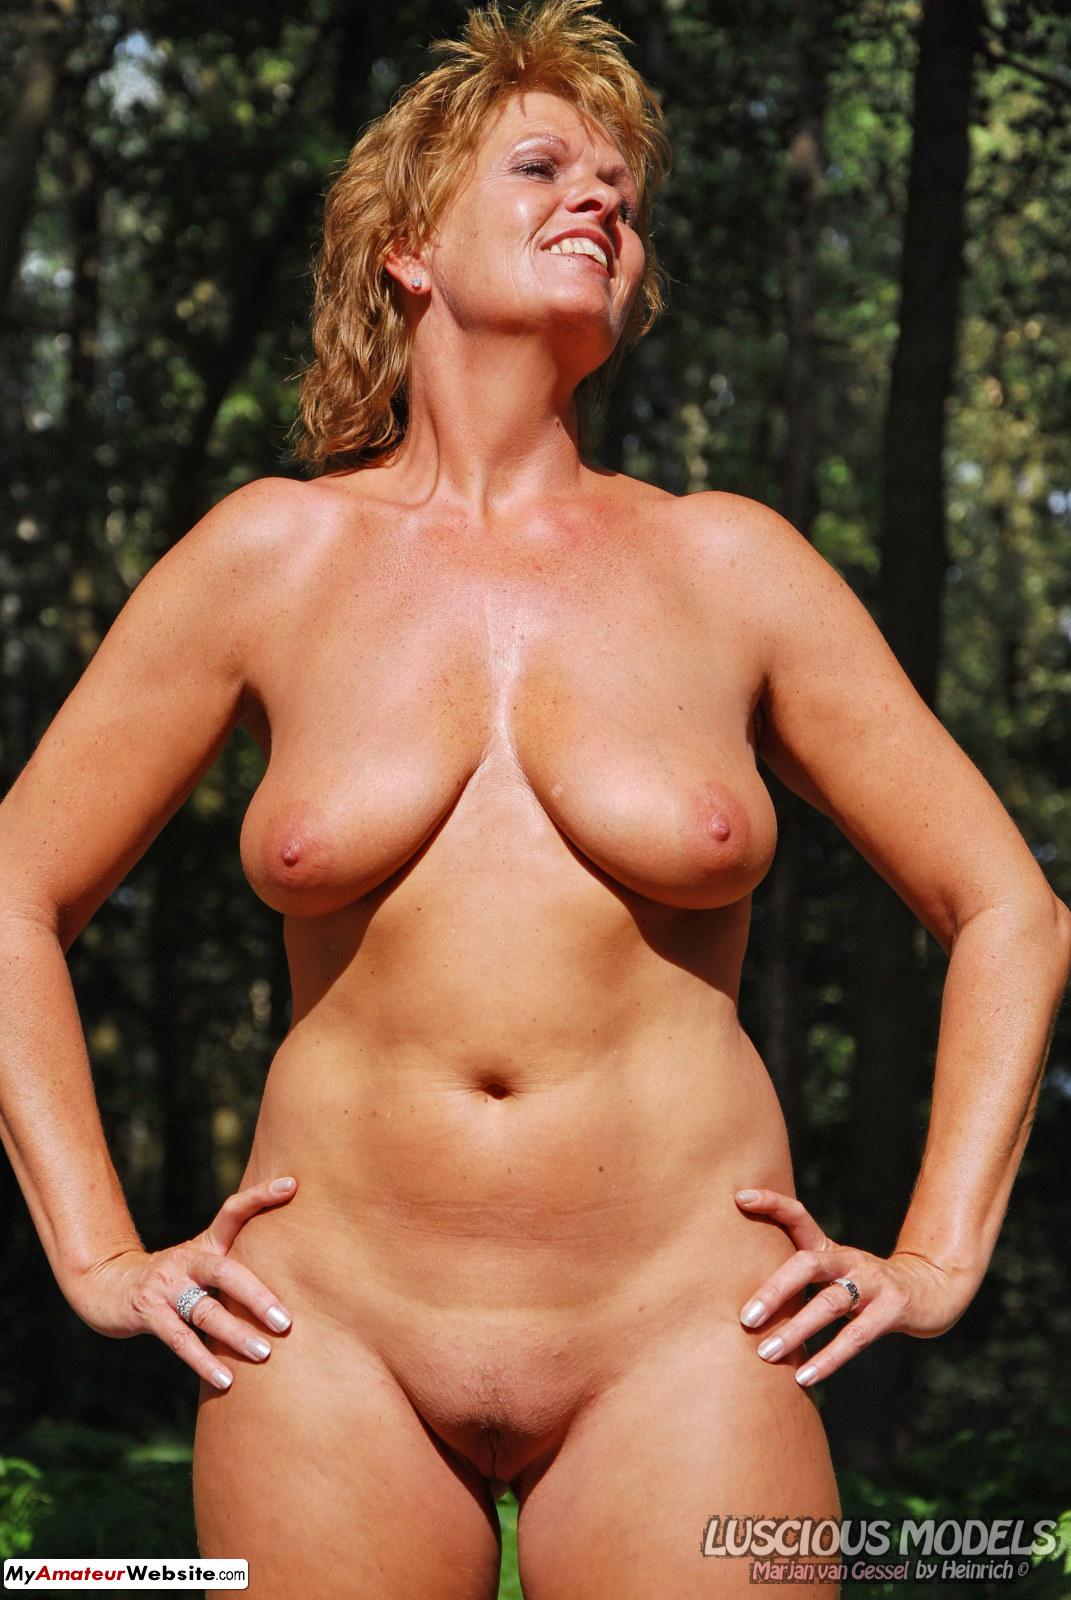 LusciousModels - Mature Lady M erotic milf model 38